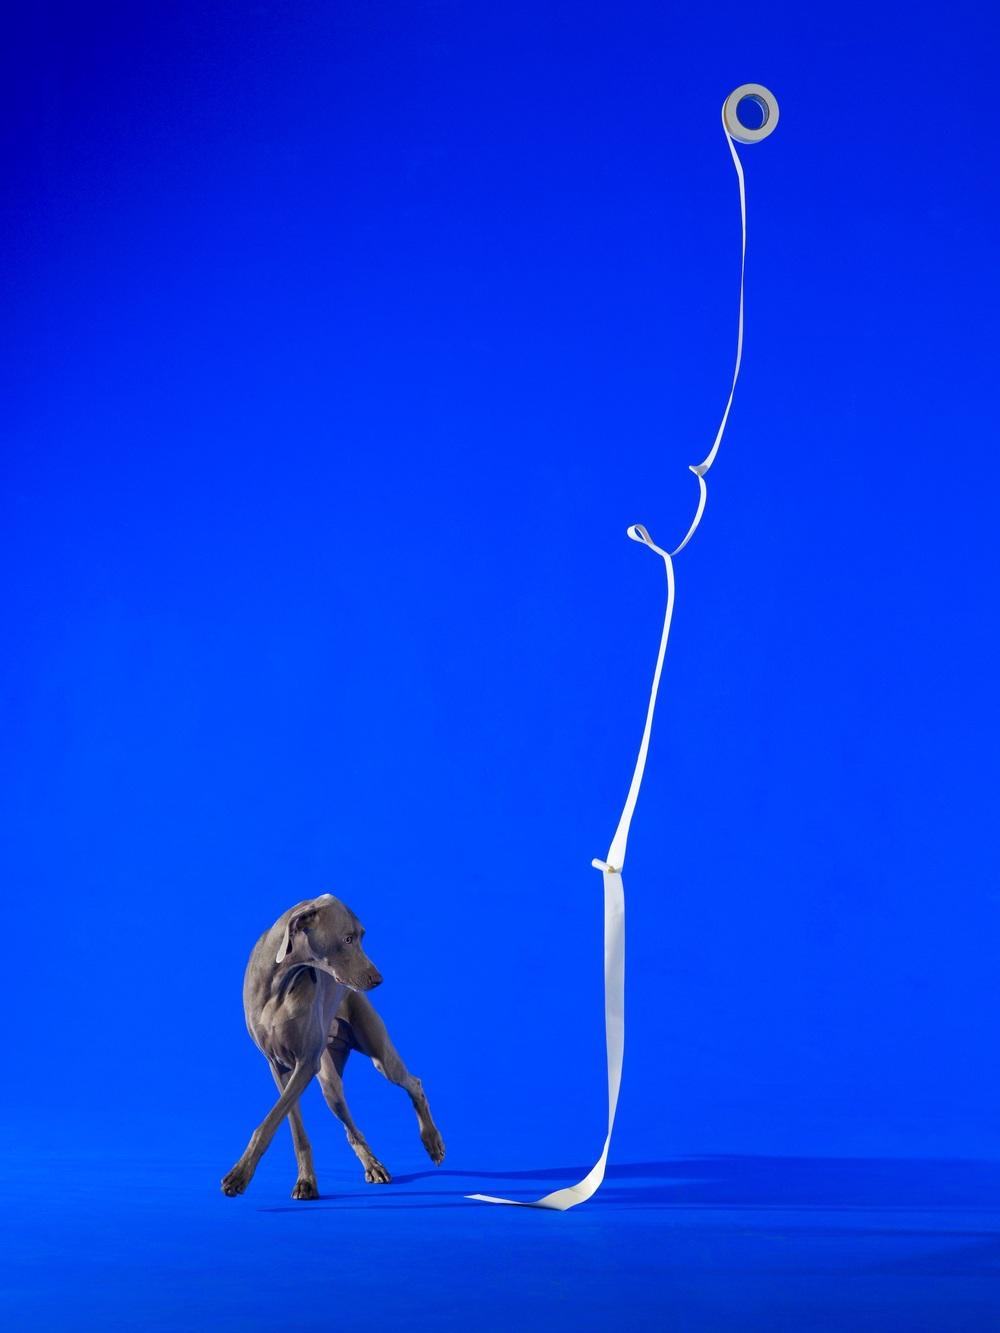 Galerie Woutervan Leeuwen